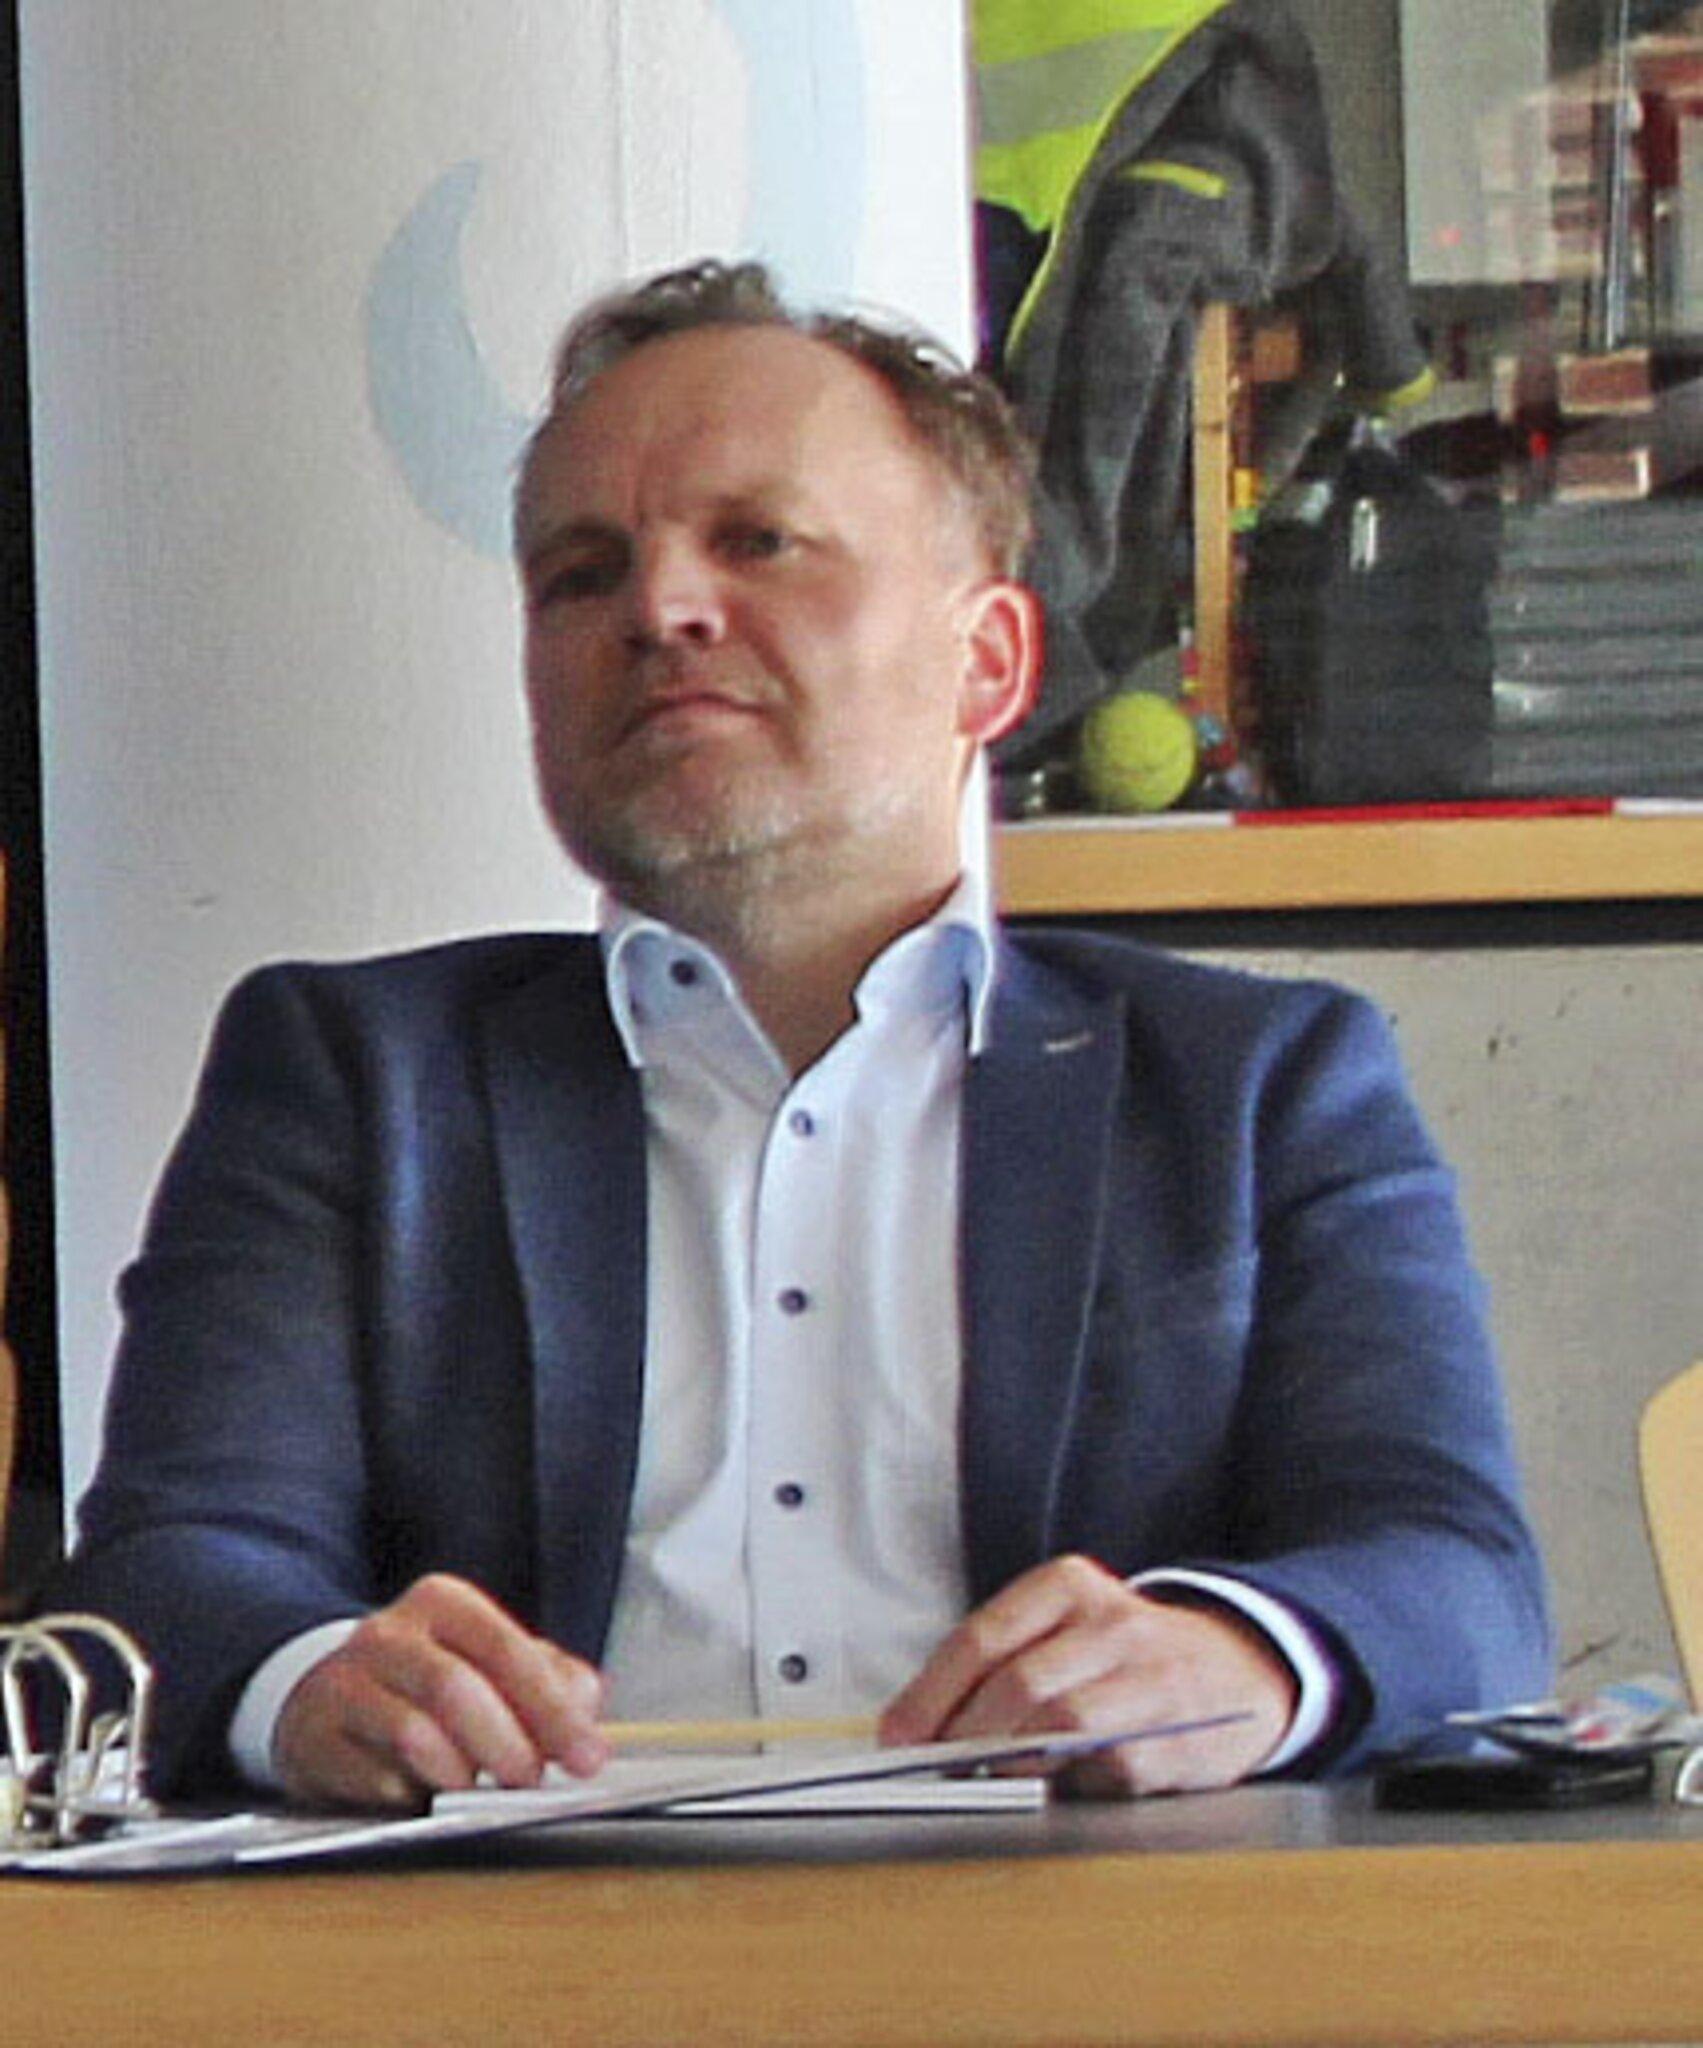 Stefan Reigber (UWA) erhebt schwere Vorwürfe                                                                  Zoff im Apenser Samtgemeinderat